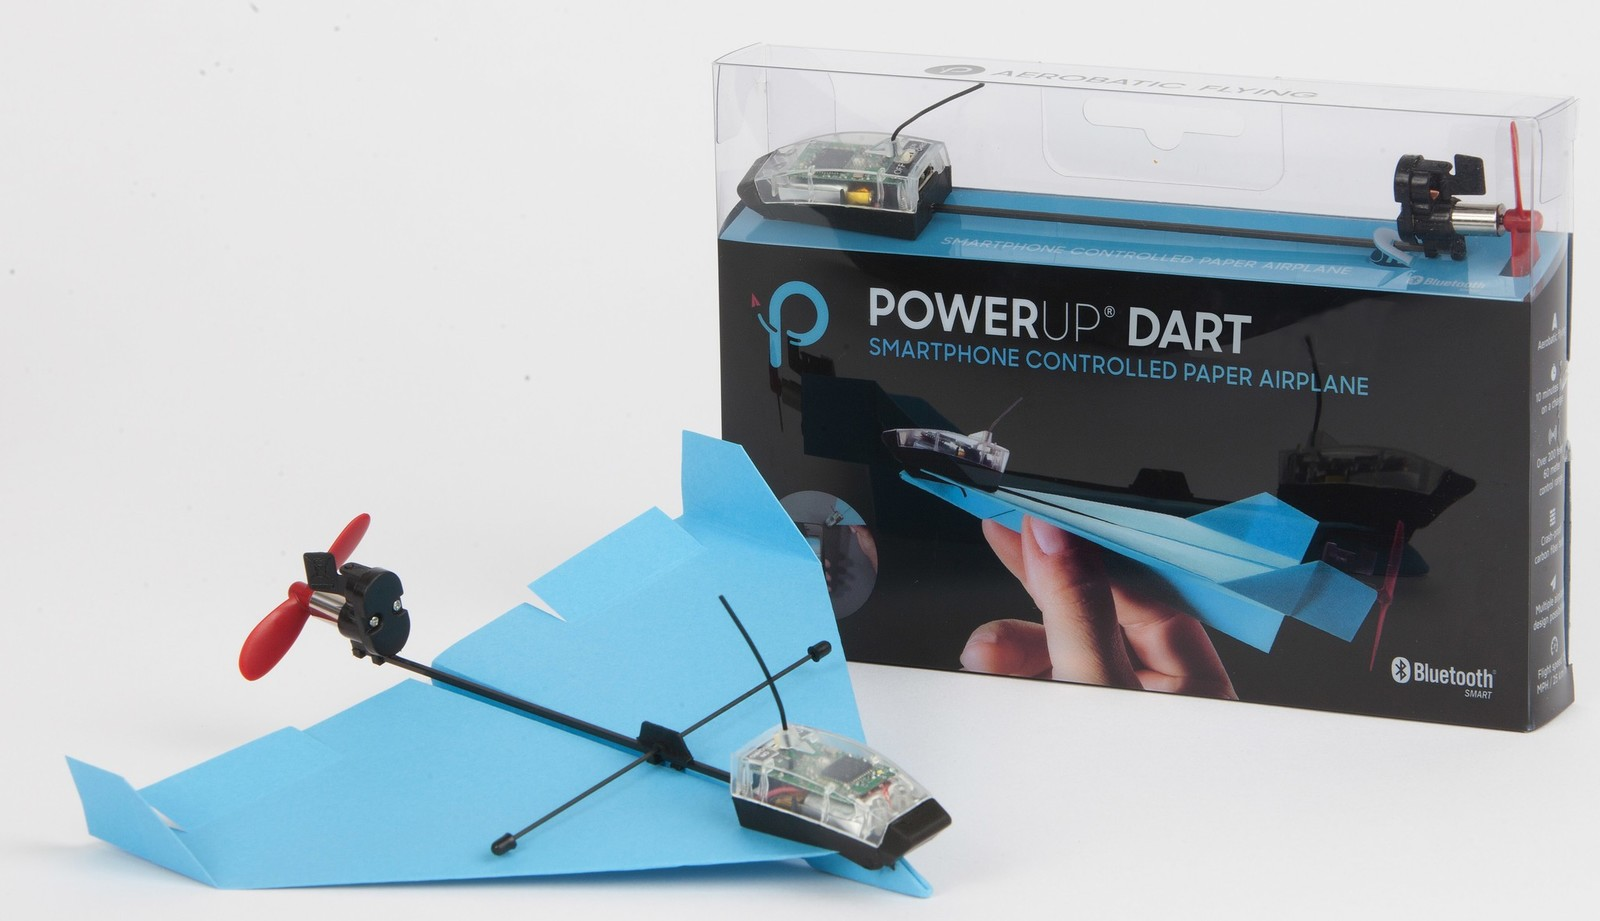 Power Up Dart, al via le spedizioni dell'aeroplano di carta controllato da smartphone